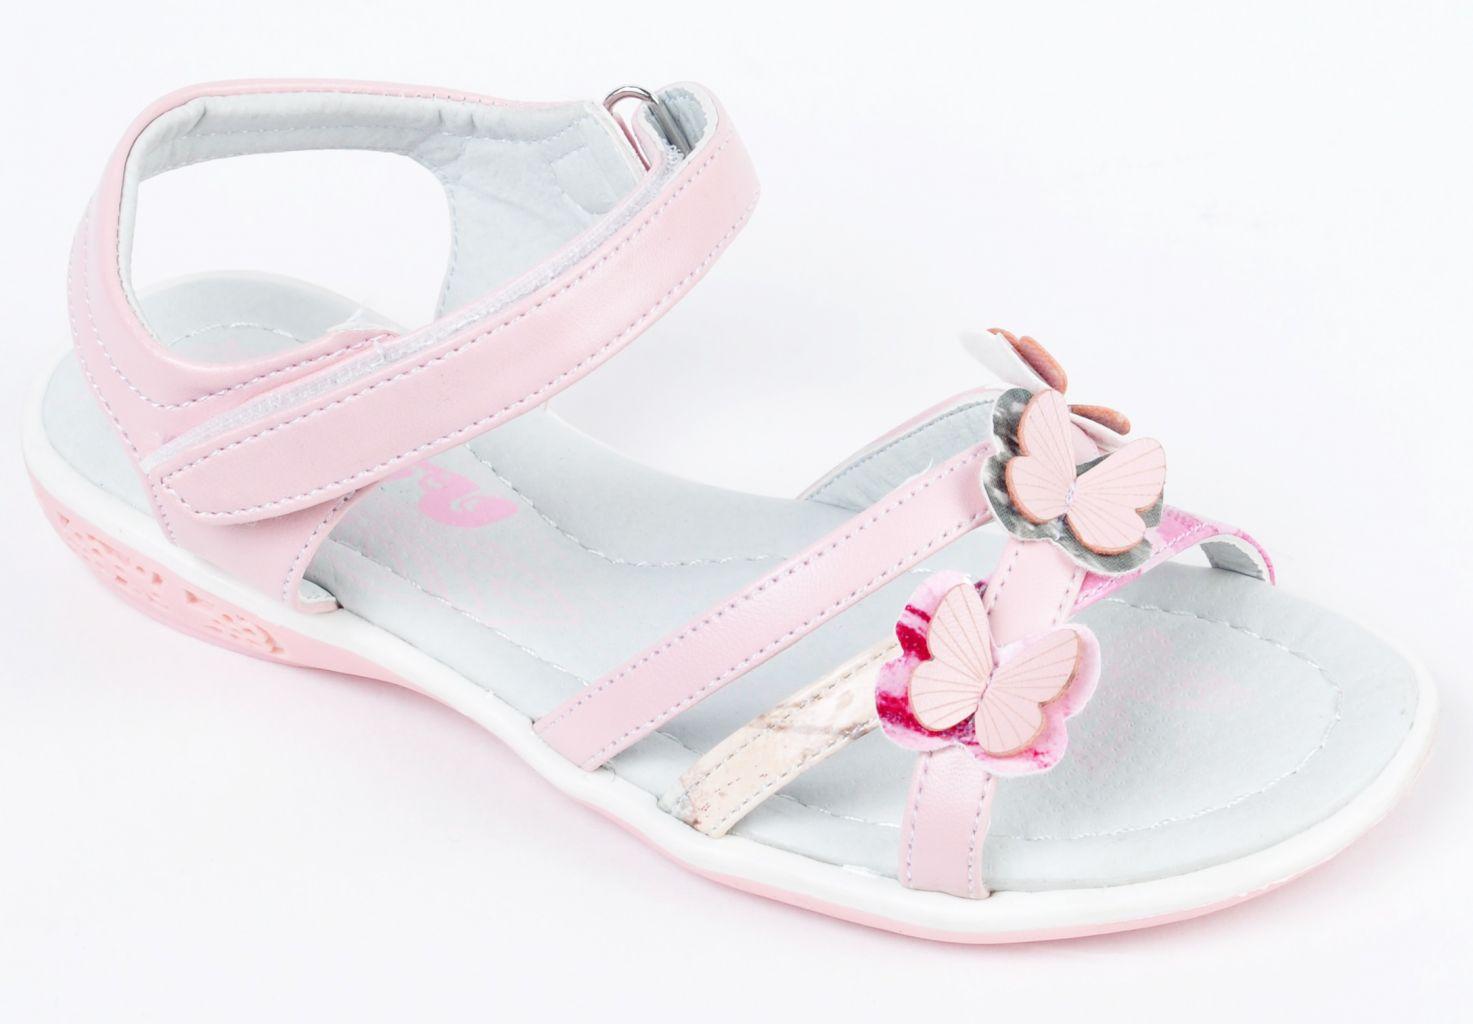 Информация по закупке.Всем! Всем! Всем! Обувь для наших деток. Ваш любимый МIU. Очень красиво и бюджетно. От 250 руб